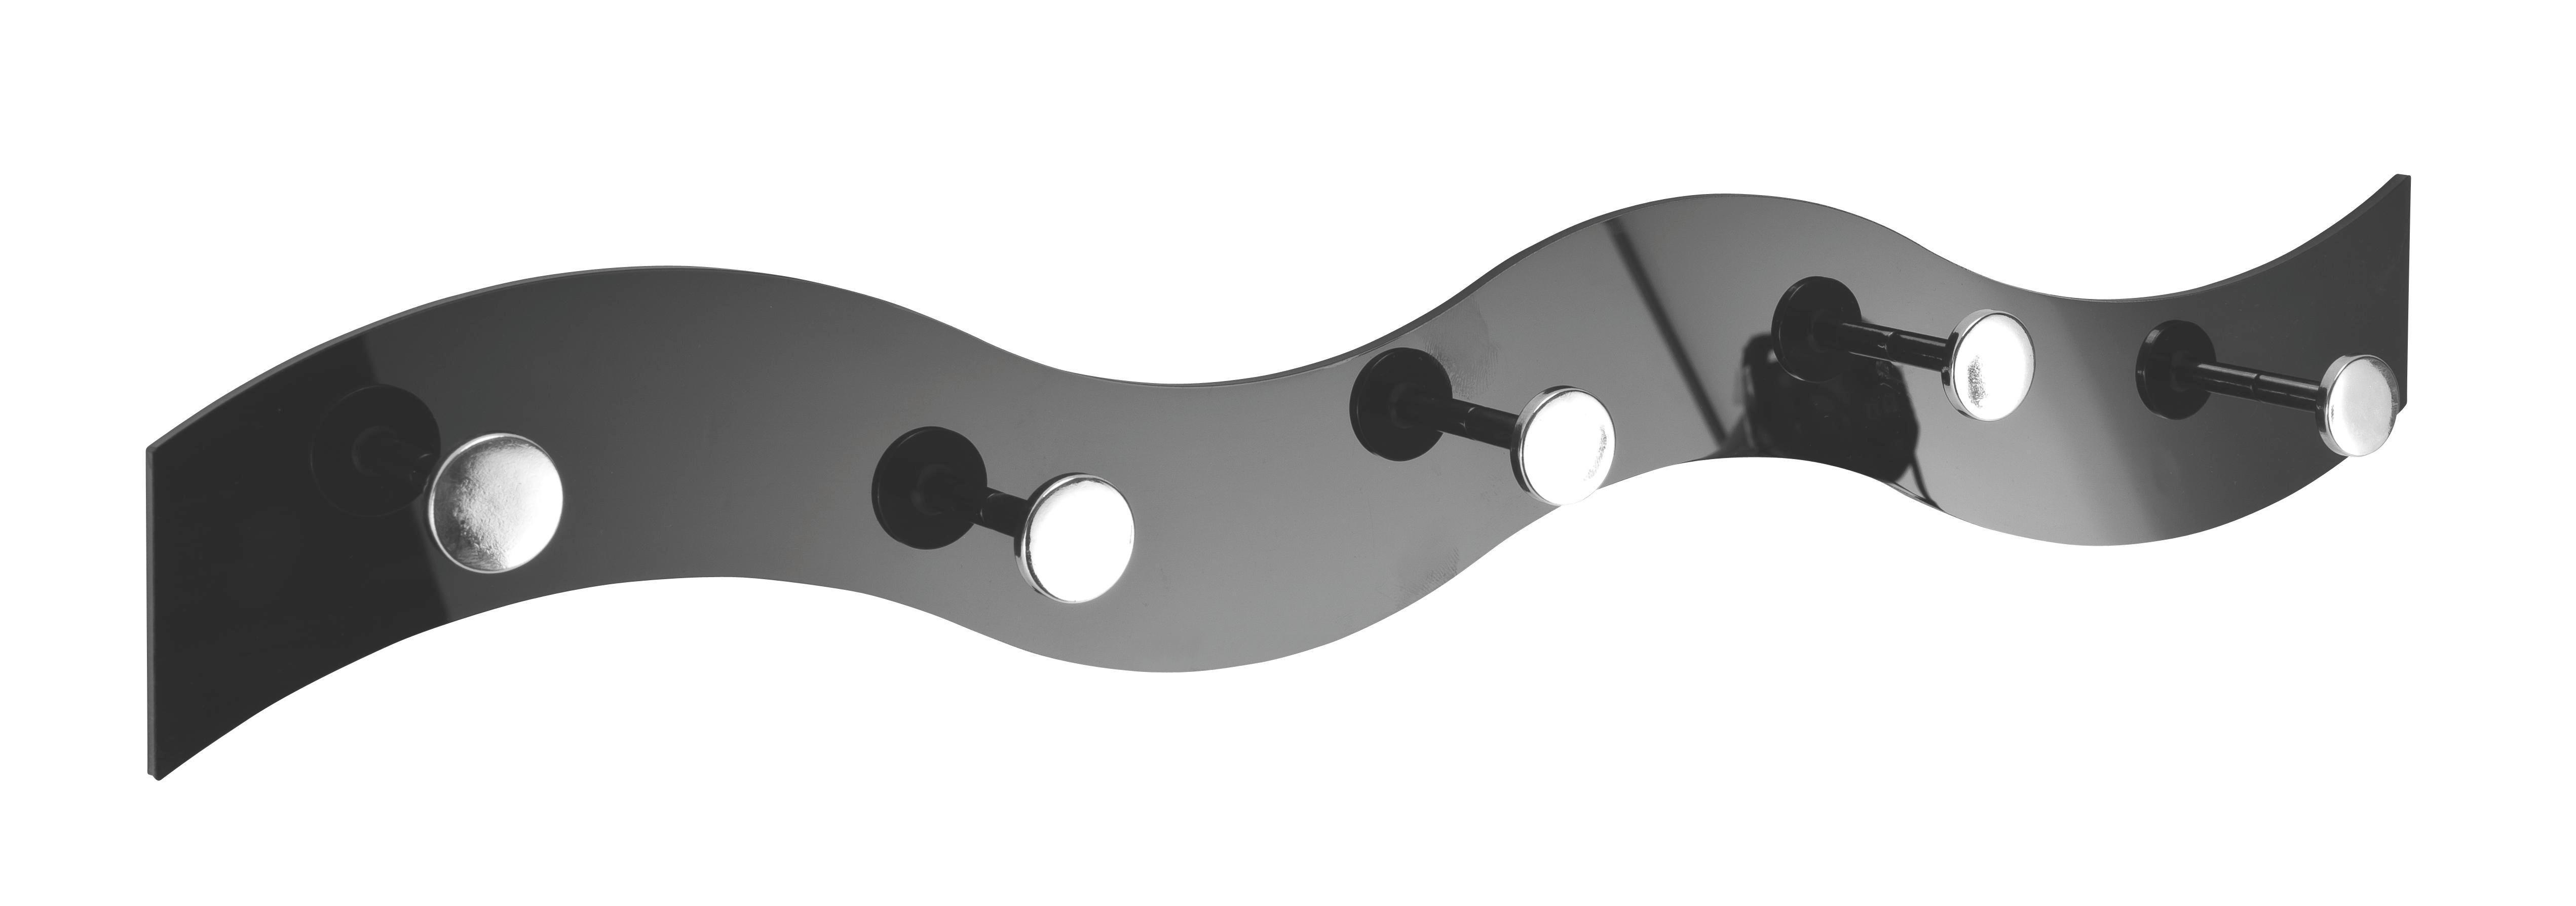 VJEŠALICA - crna, Design, plastika (57/8/4cm)